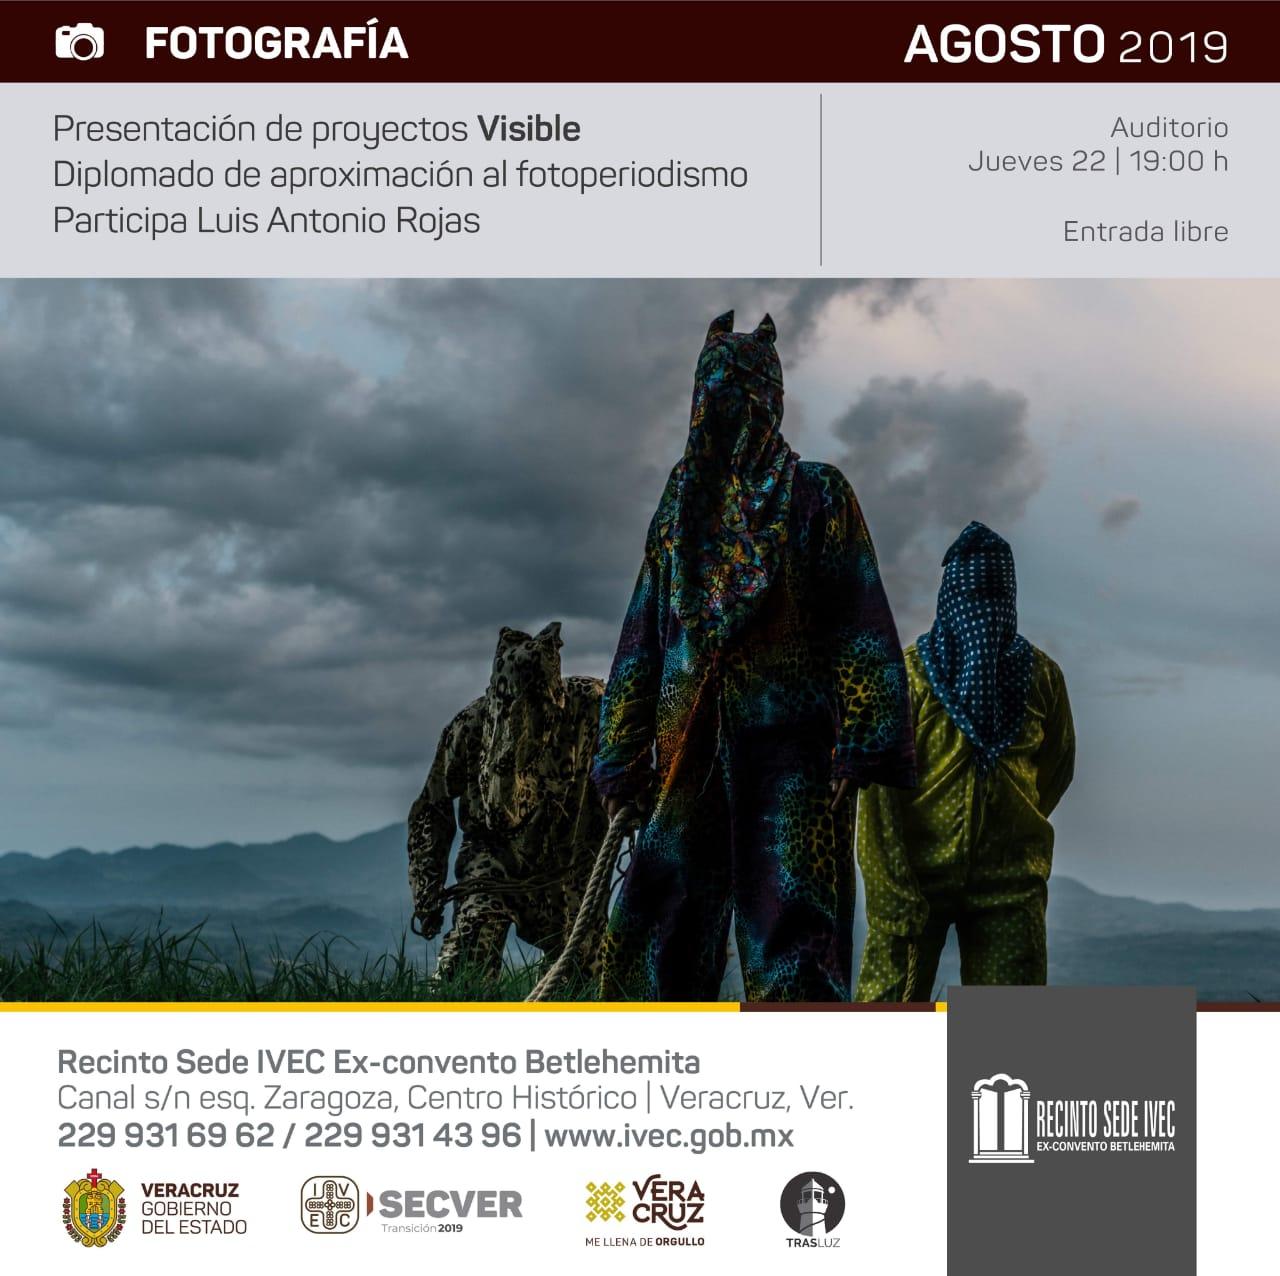 Proyectos del diplomado de fotoperiodismo en Recinto Sede